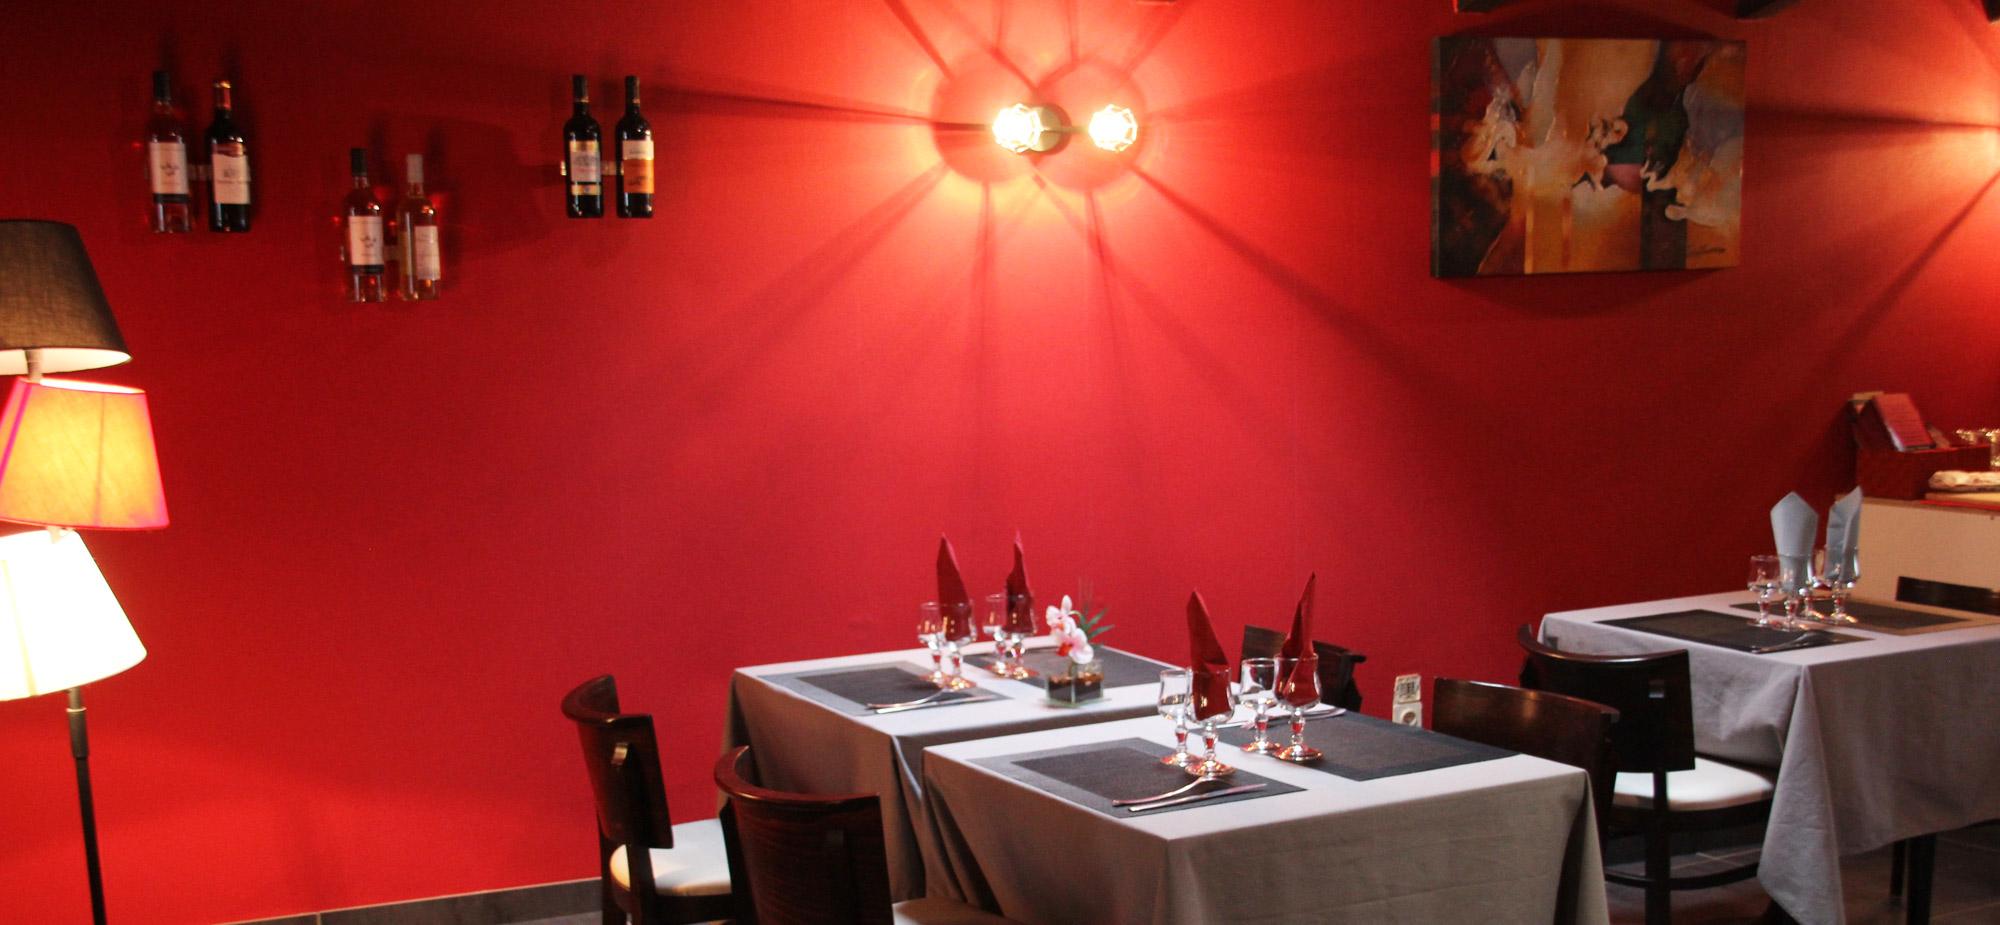 seconde-salle-restaurant-creperie-fleur-ble-noir-saint-pierre-ile-oleron-17310